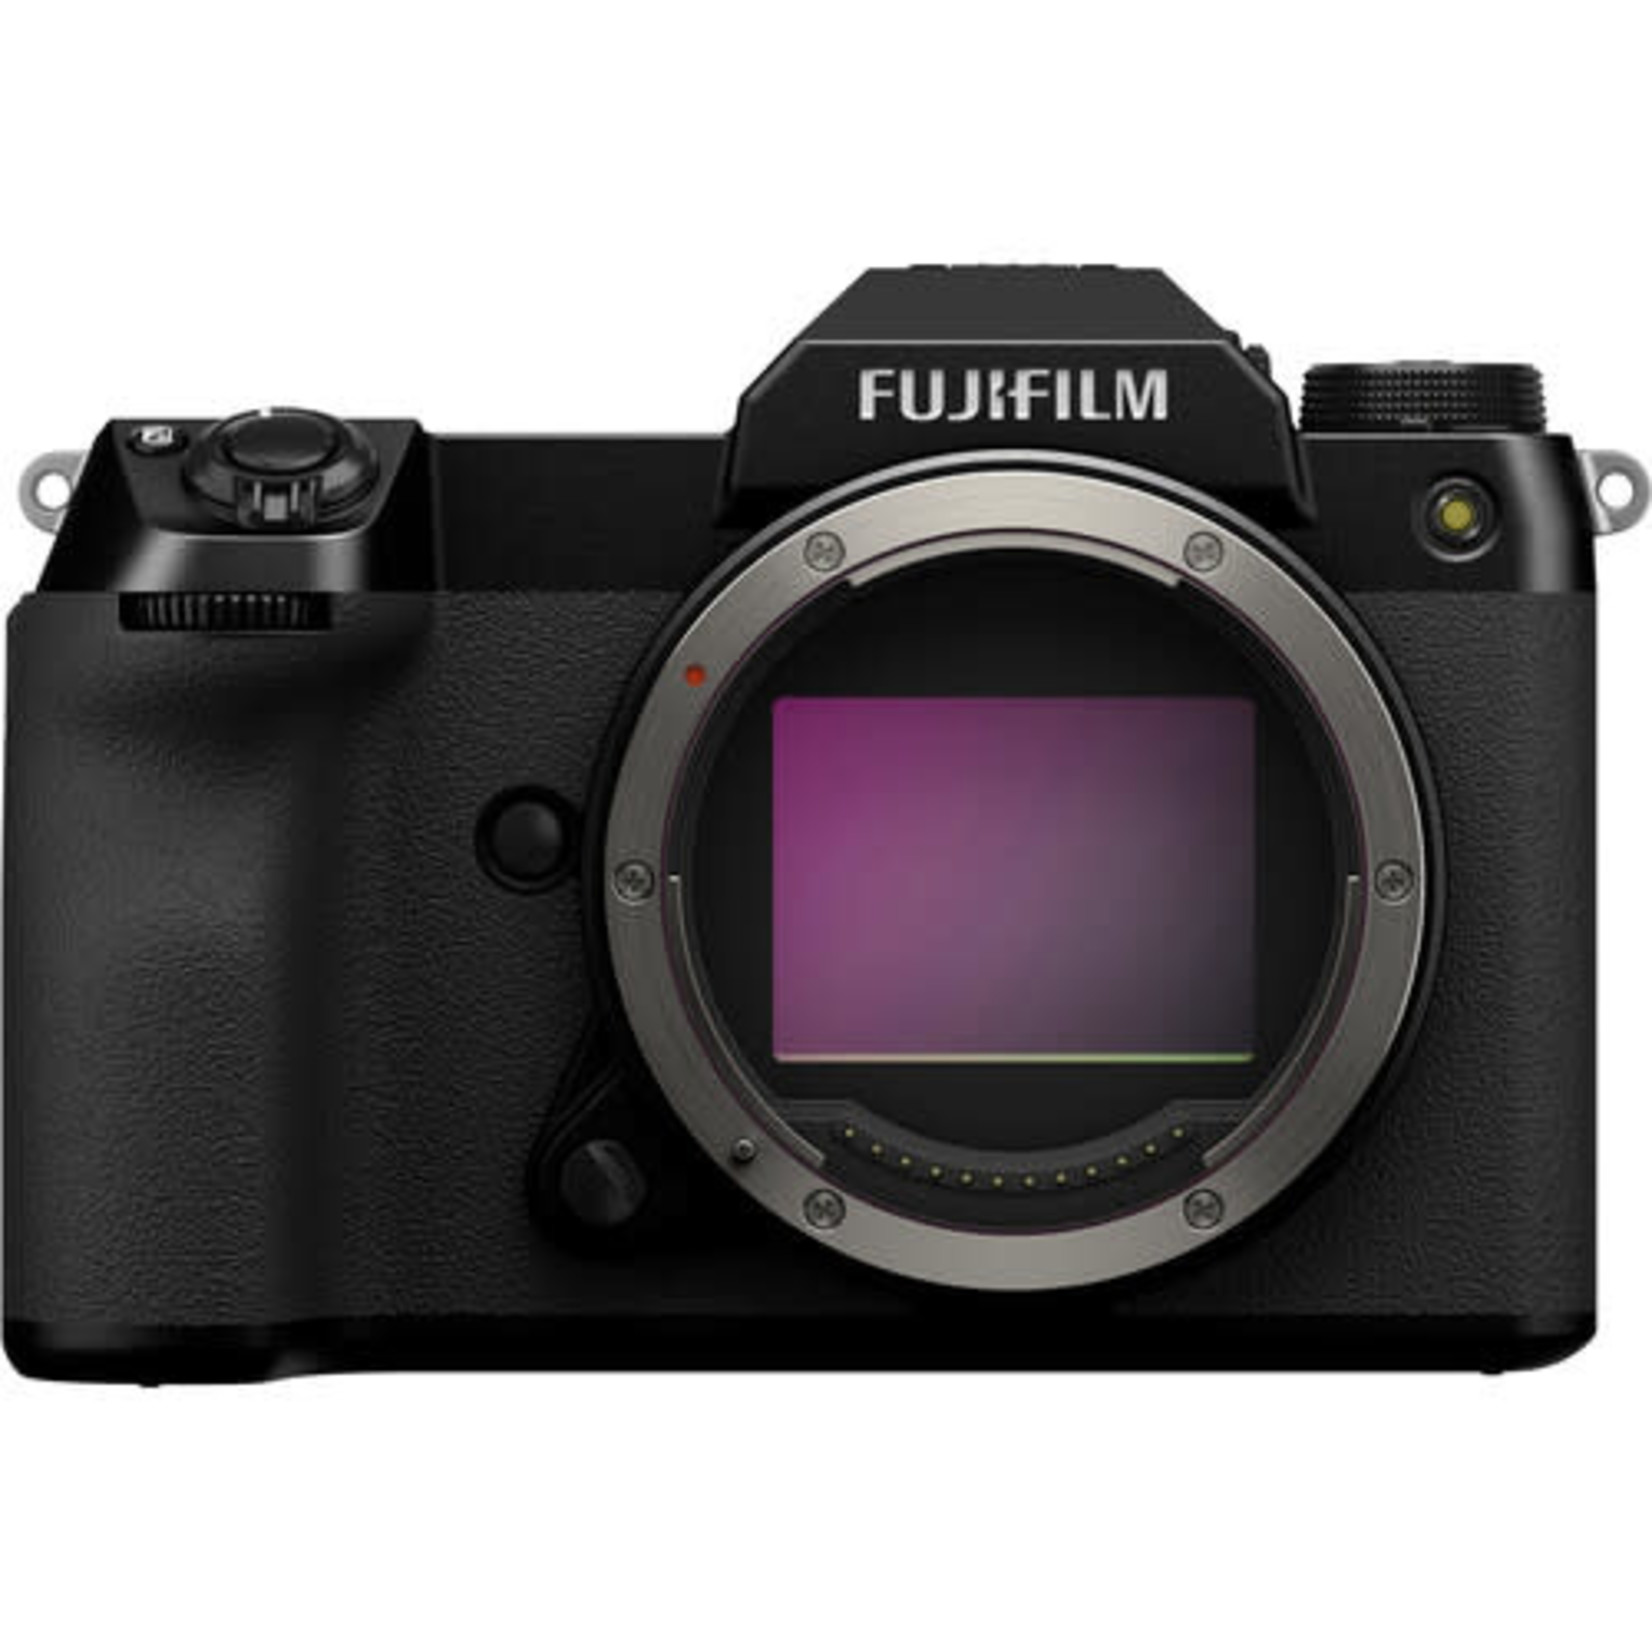 FujiFilm FUJIFILM GFX 100S Medium Format Mirrorless Camera (Body Only)